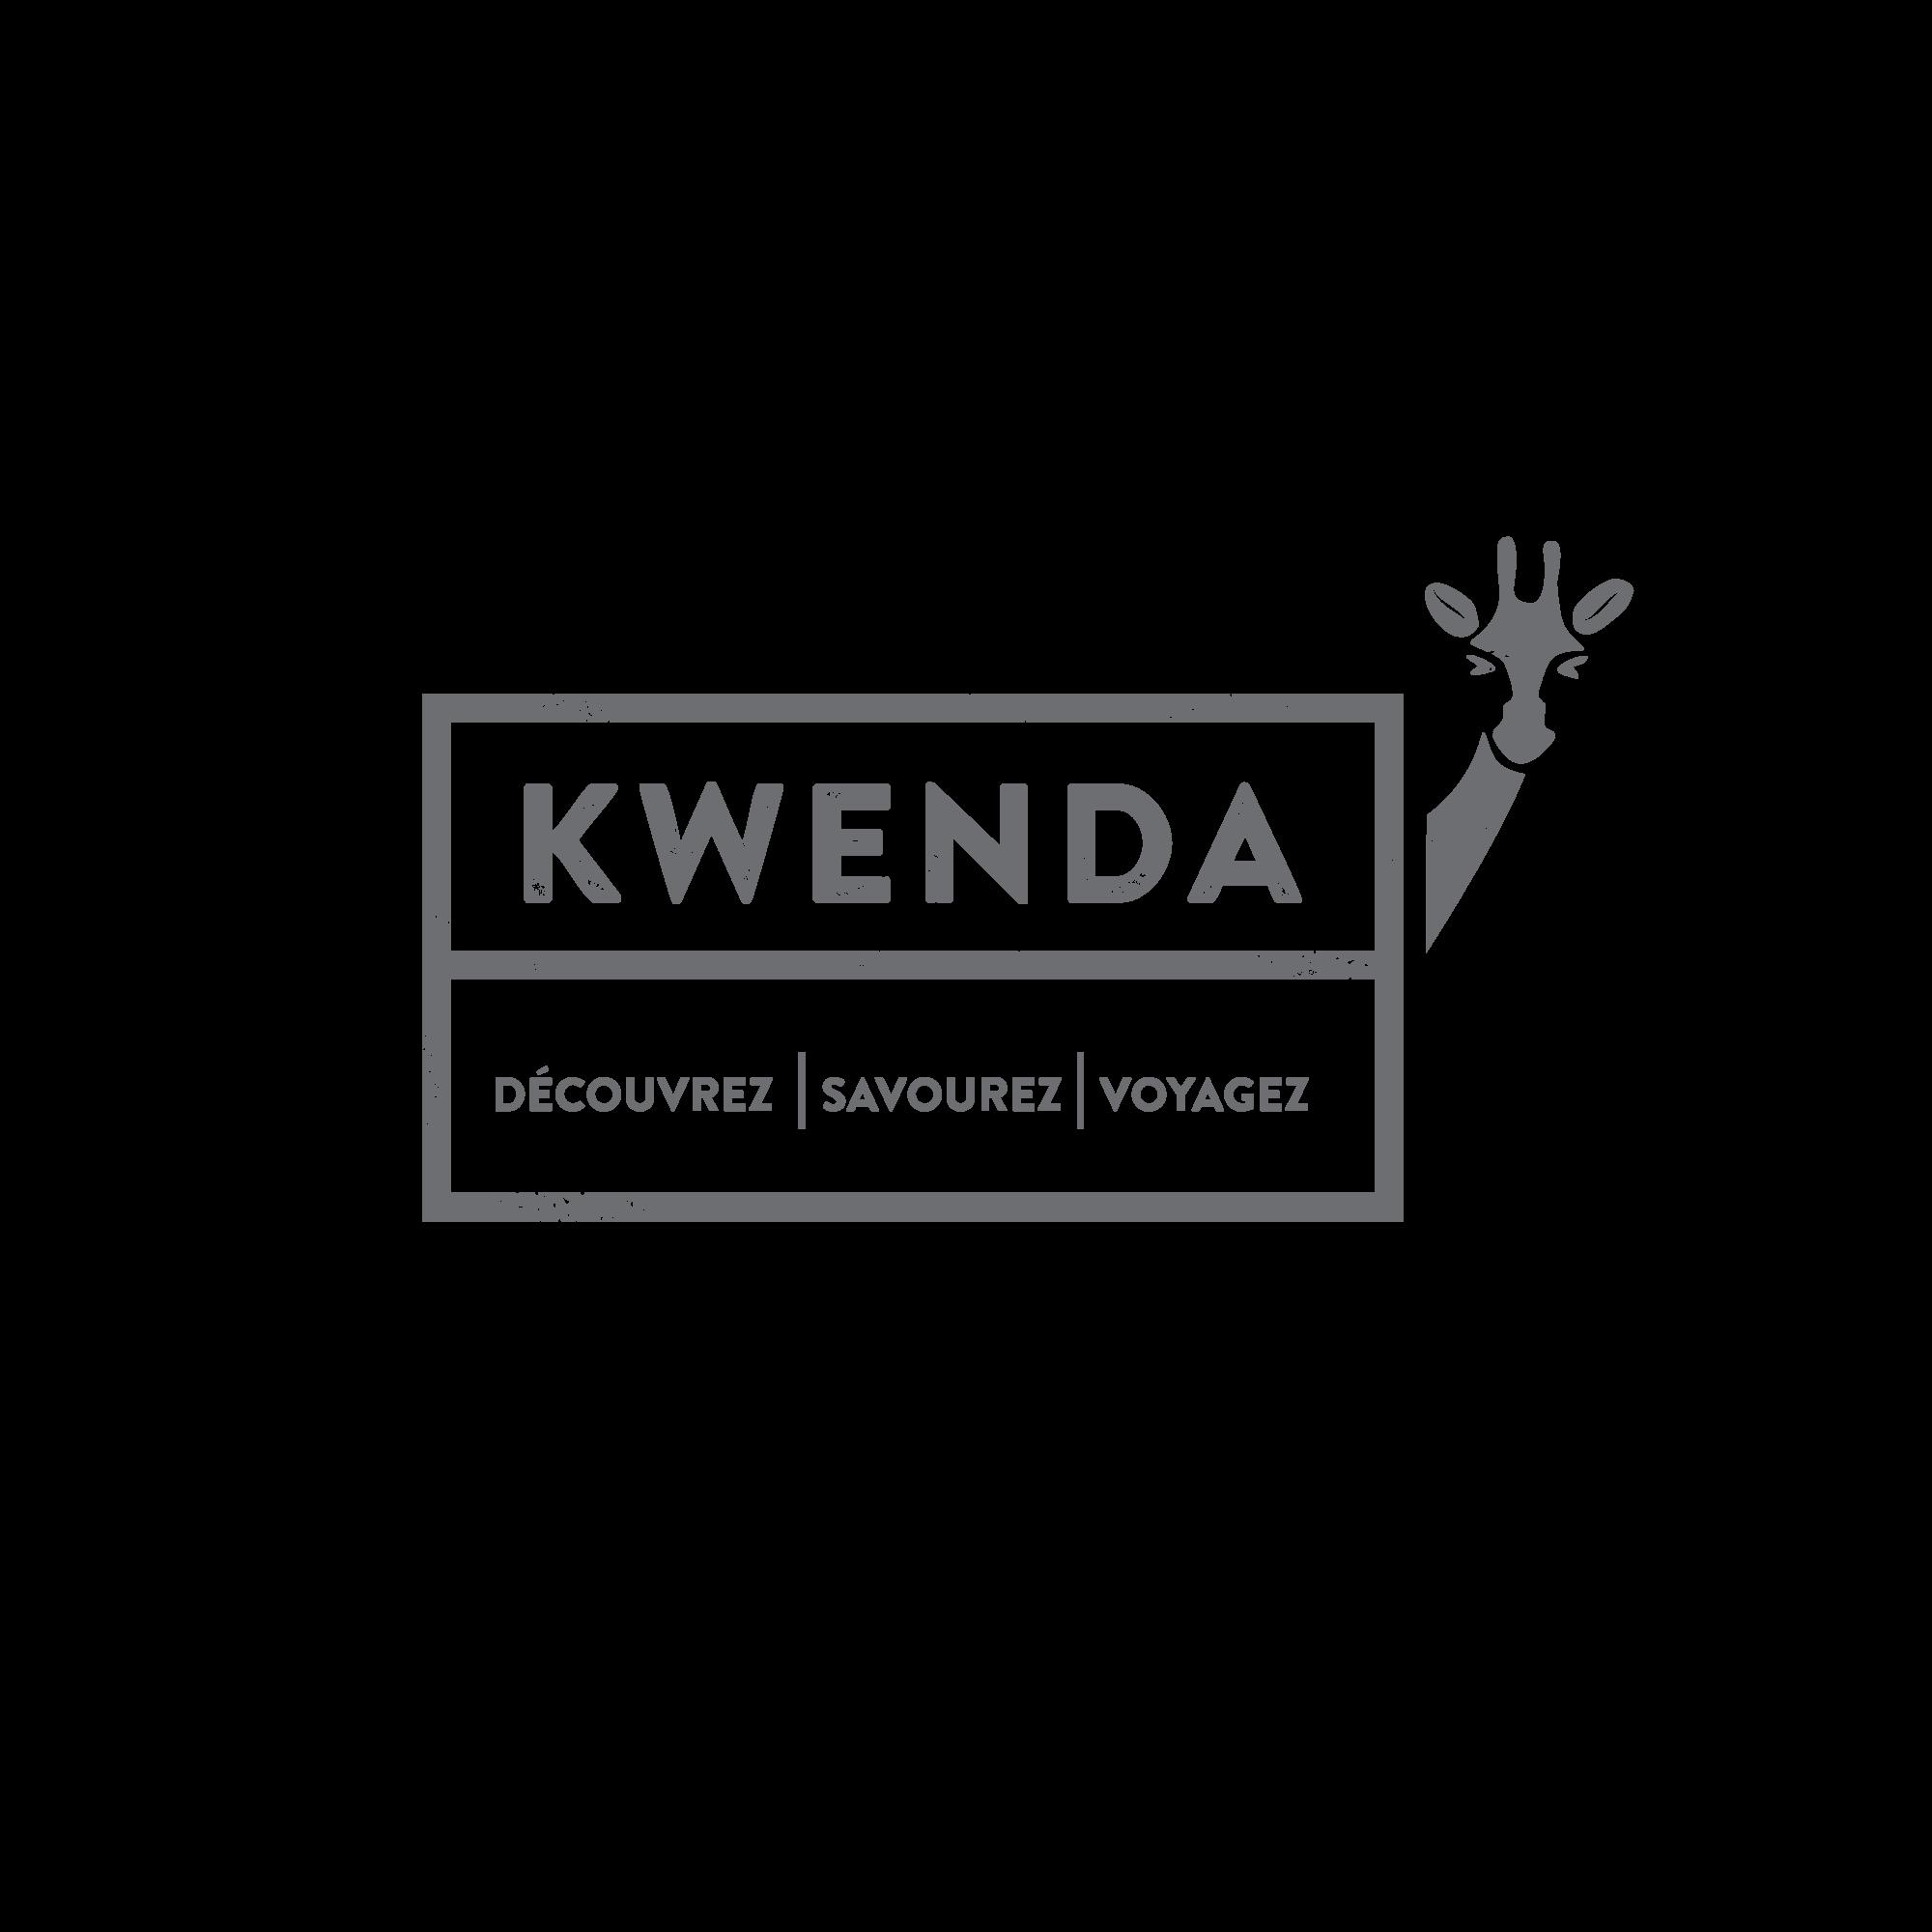 kwenda-world